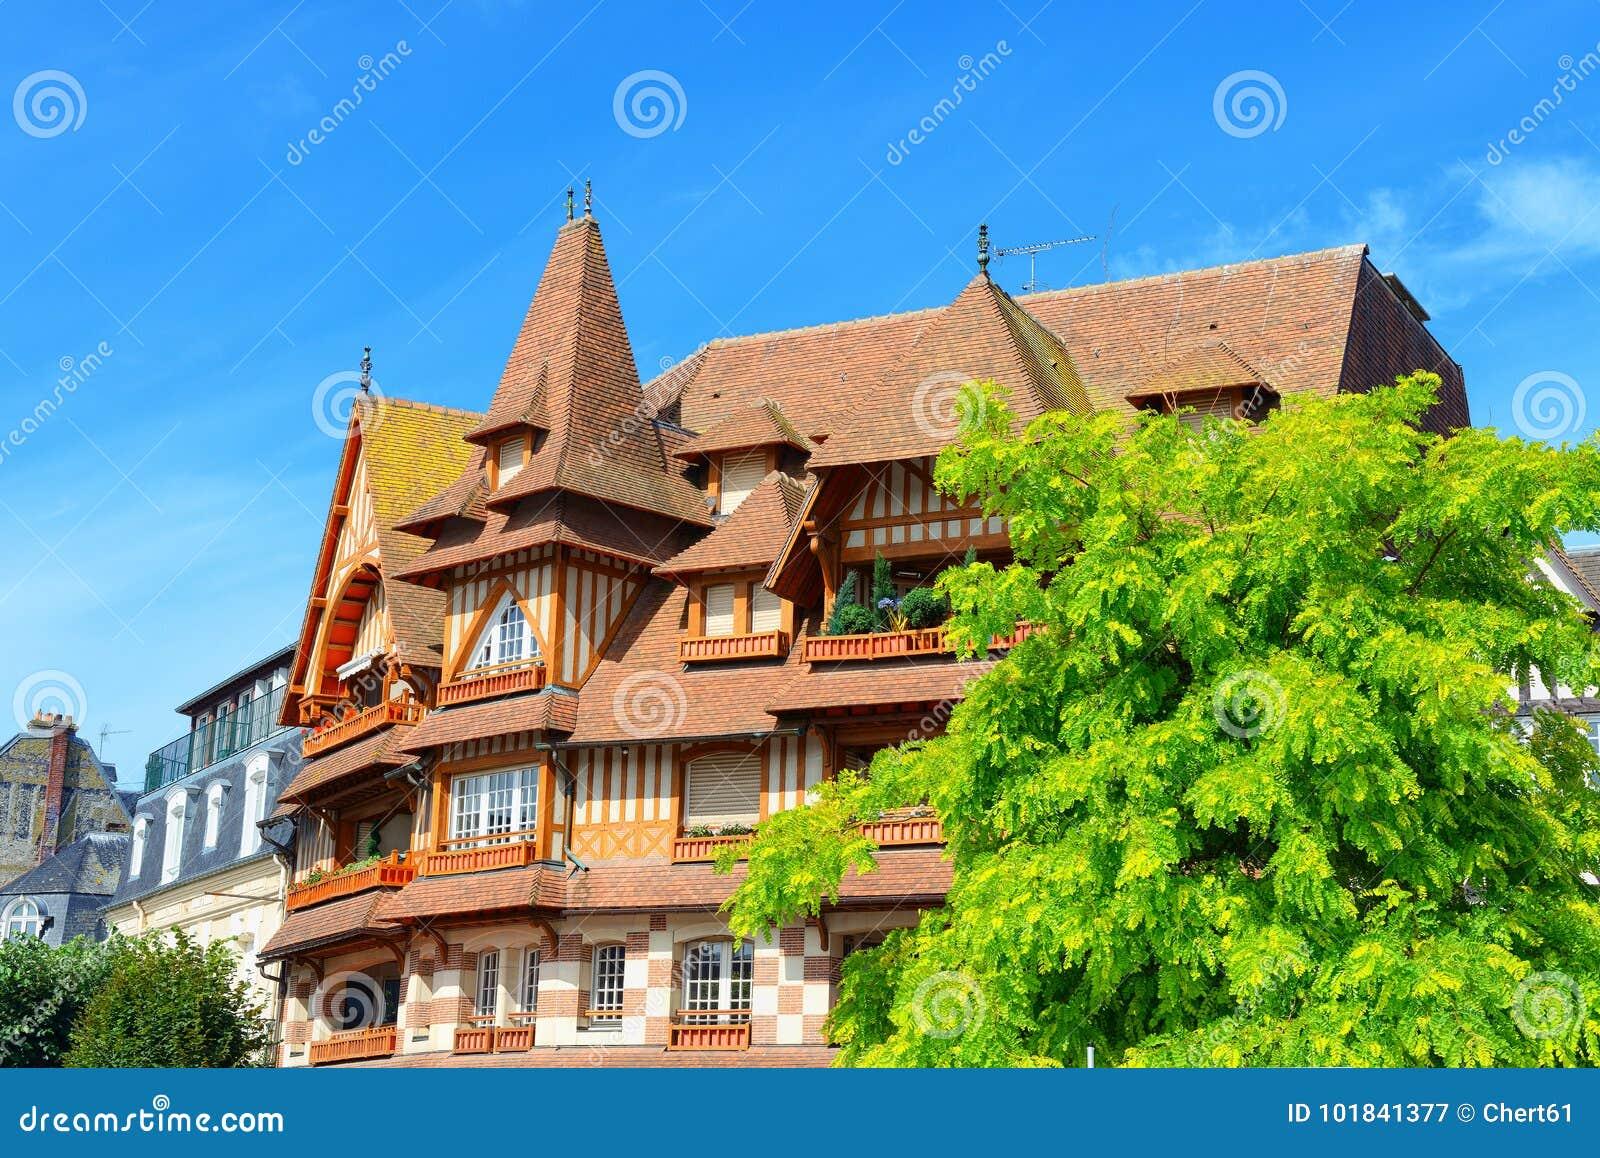 Maison Toit De France belle maison avec le toit de tuile image stock - image du